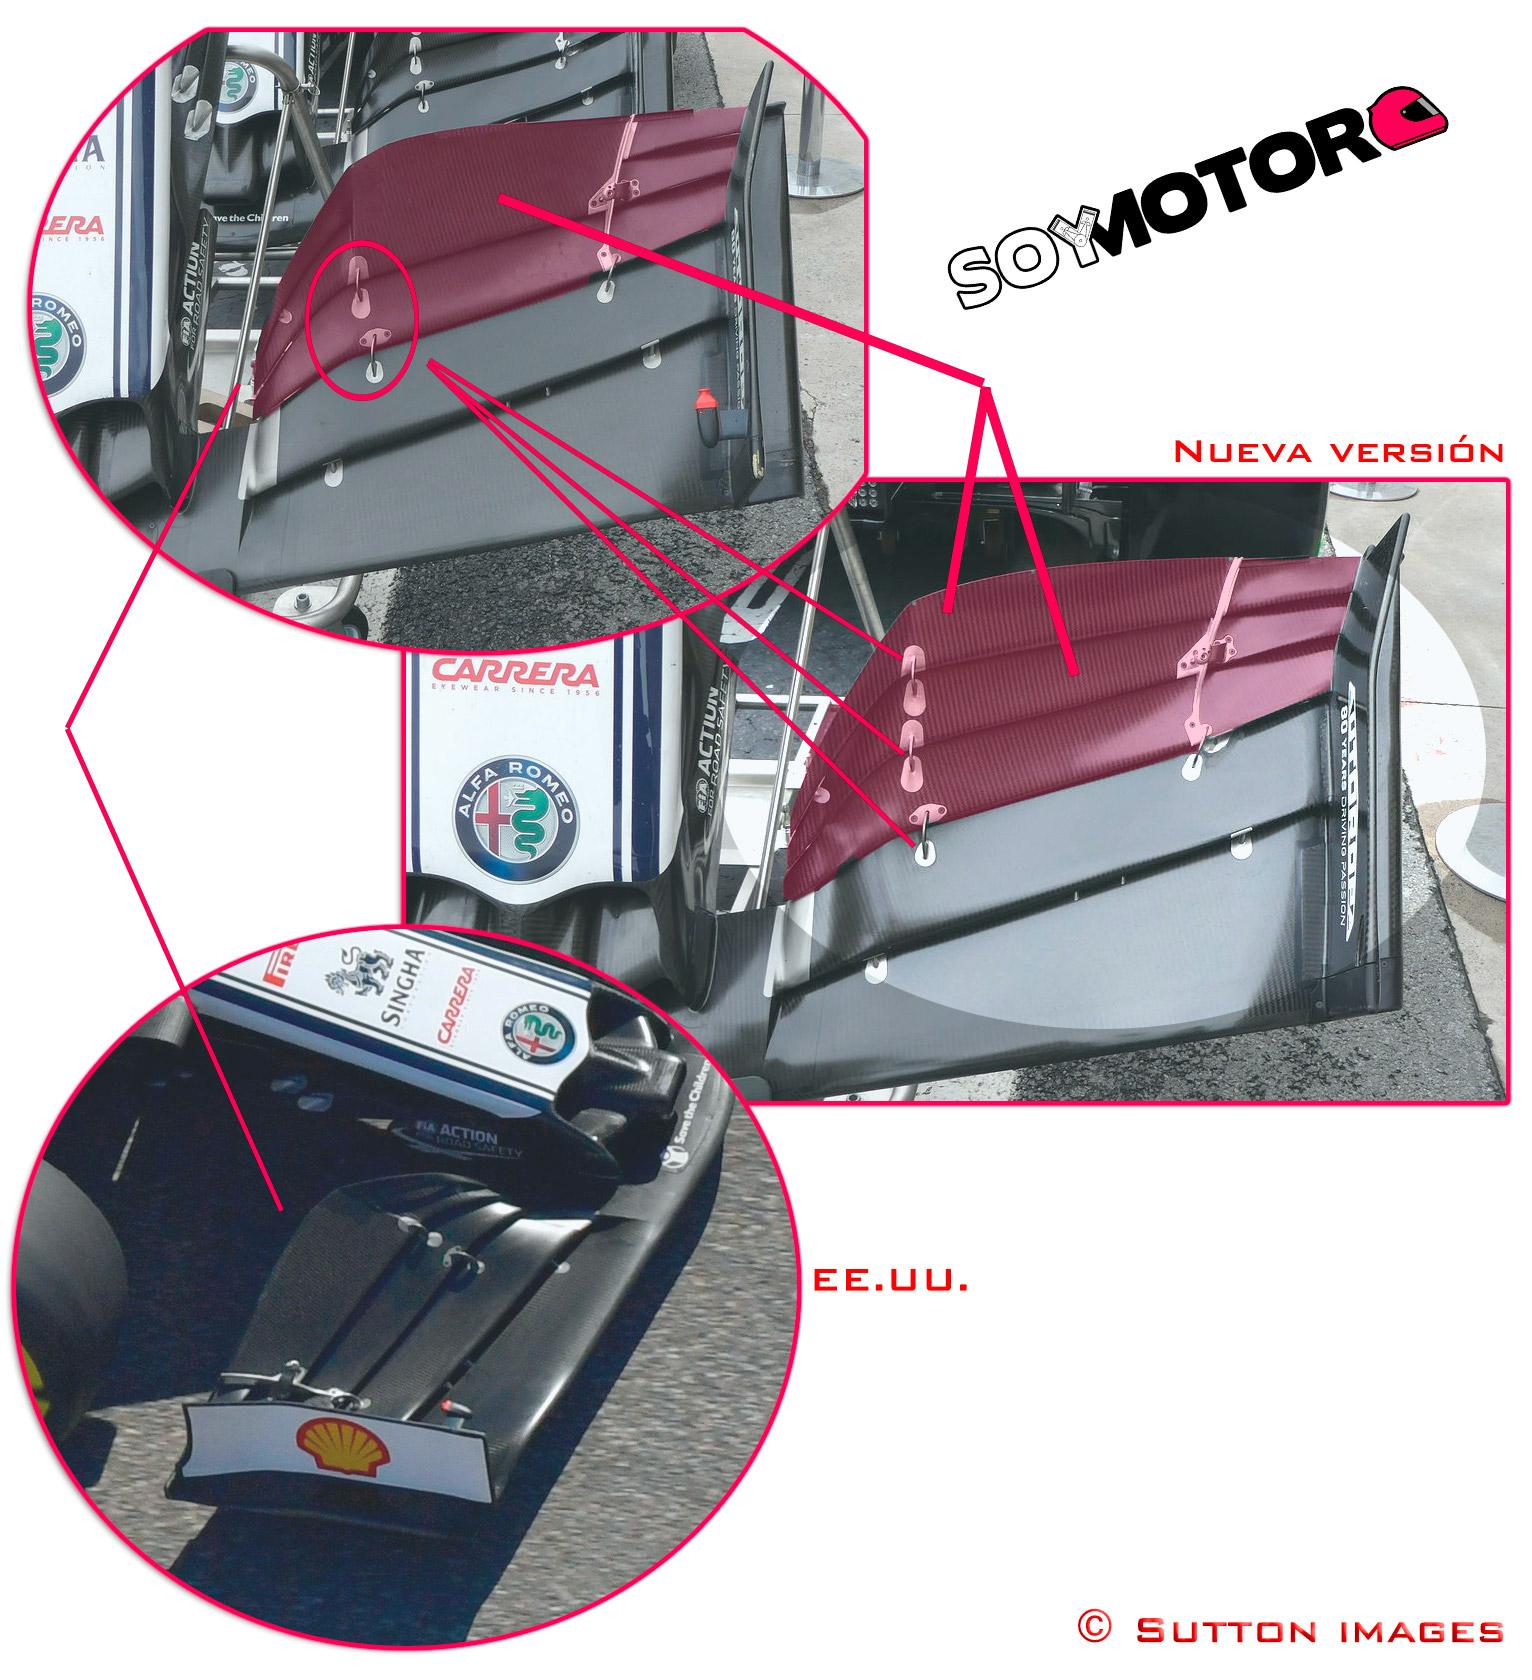 alfa-romeo-ala-delantera-nueva-soymotor_0.jpg